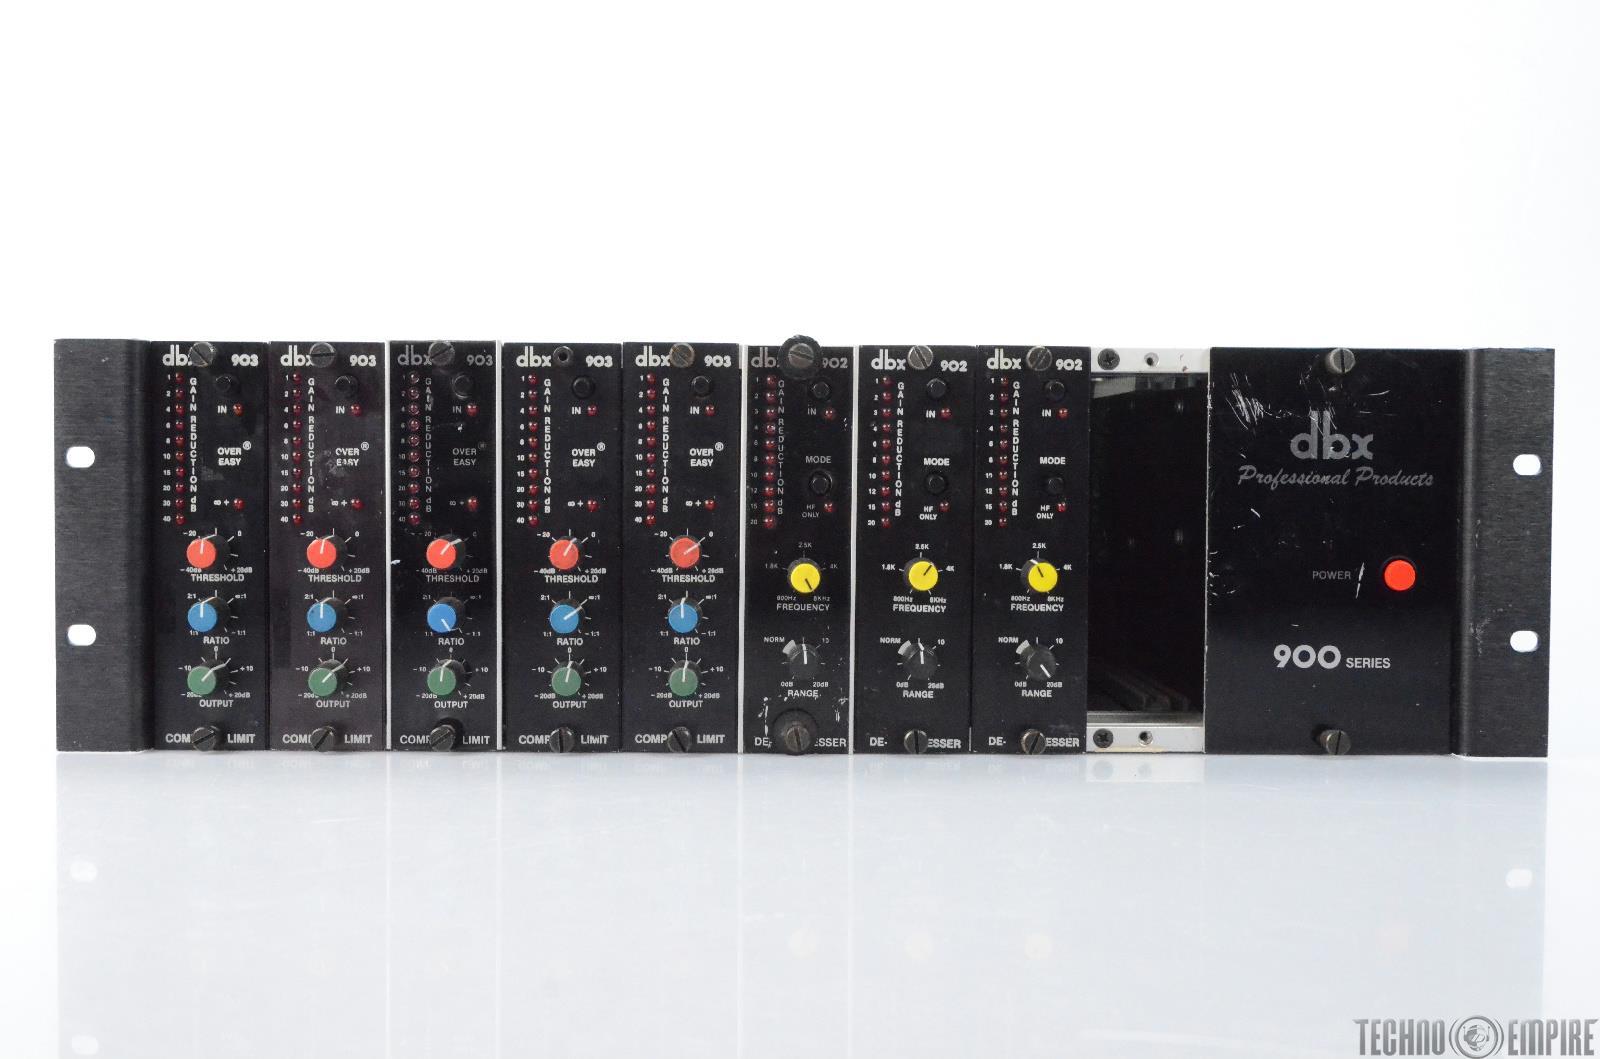 DBX 900 Series Chassis w/ 3 DBX 902 De-Essers 5 903 DBX Compressors #28477